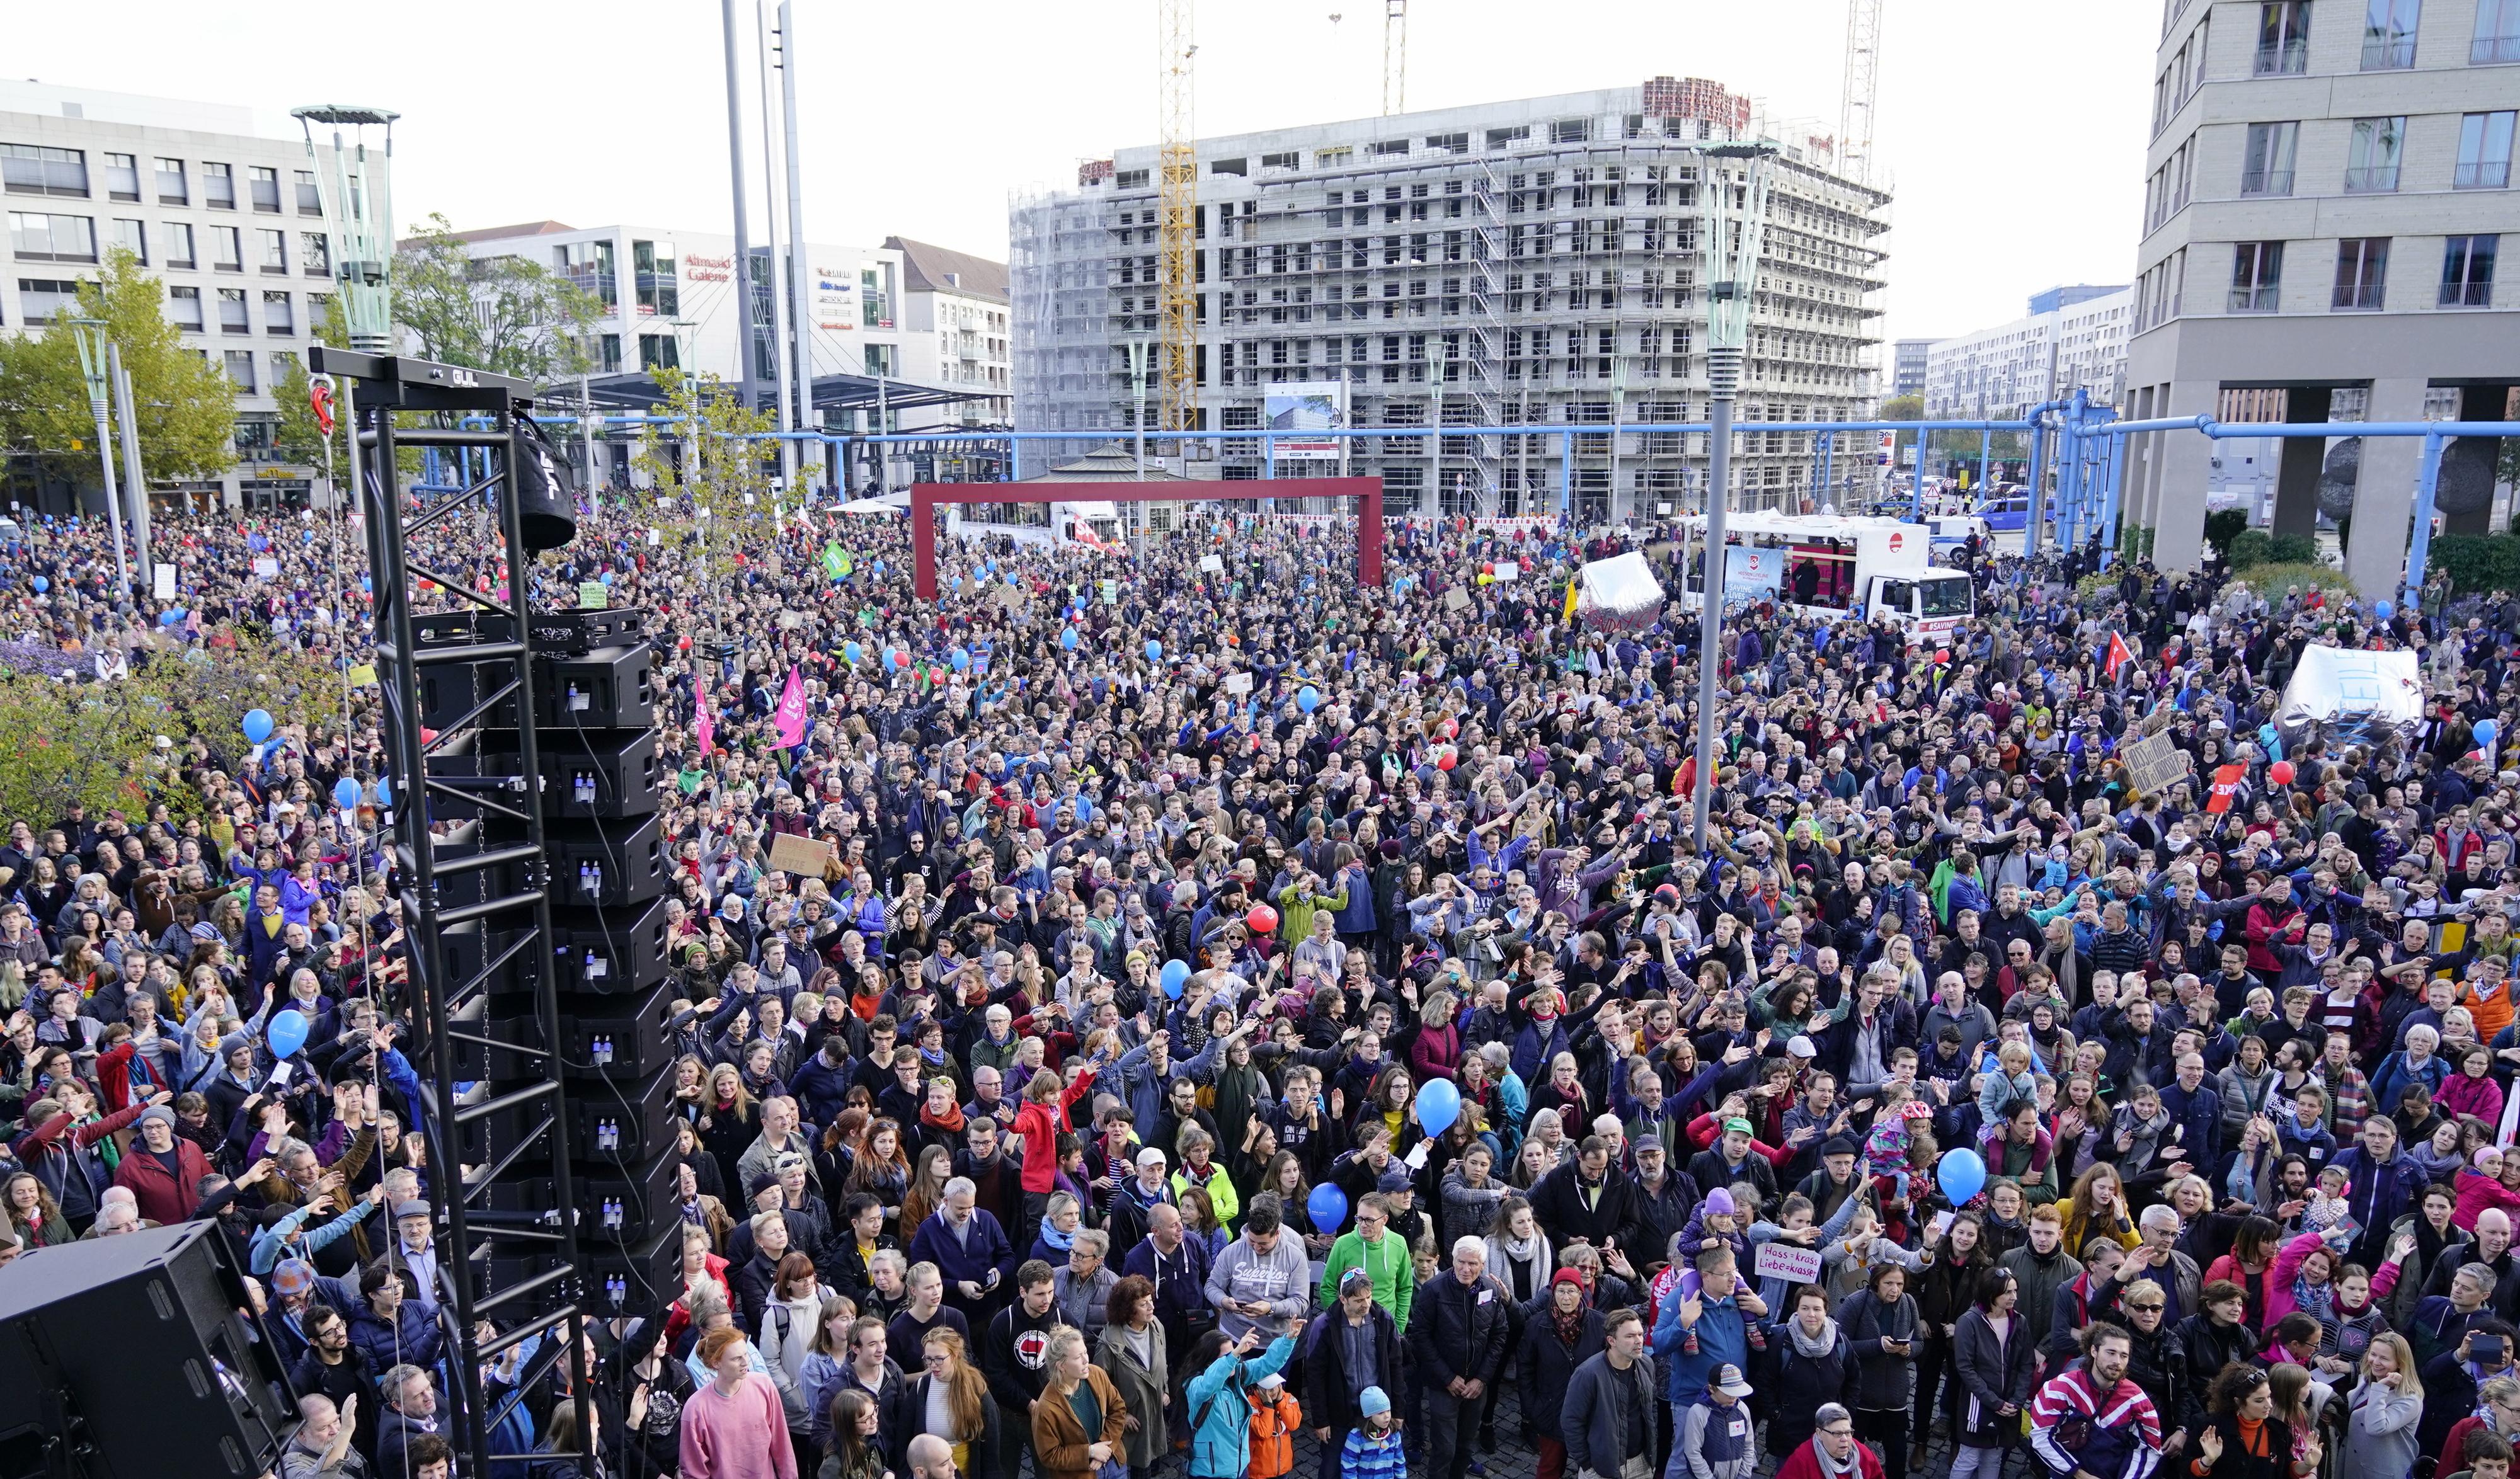 Cerca de dez mil pessoas em Dresden na marcha contra o ódio